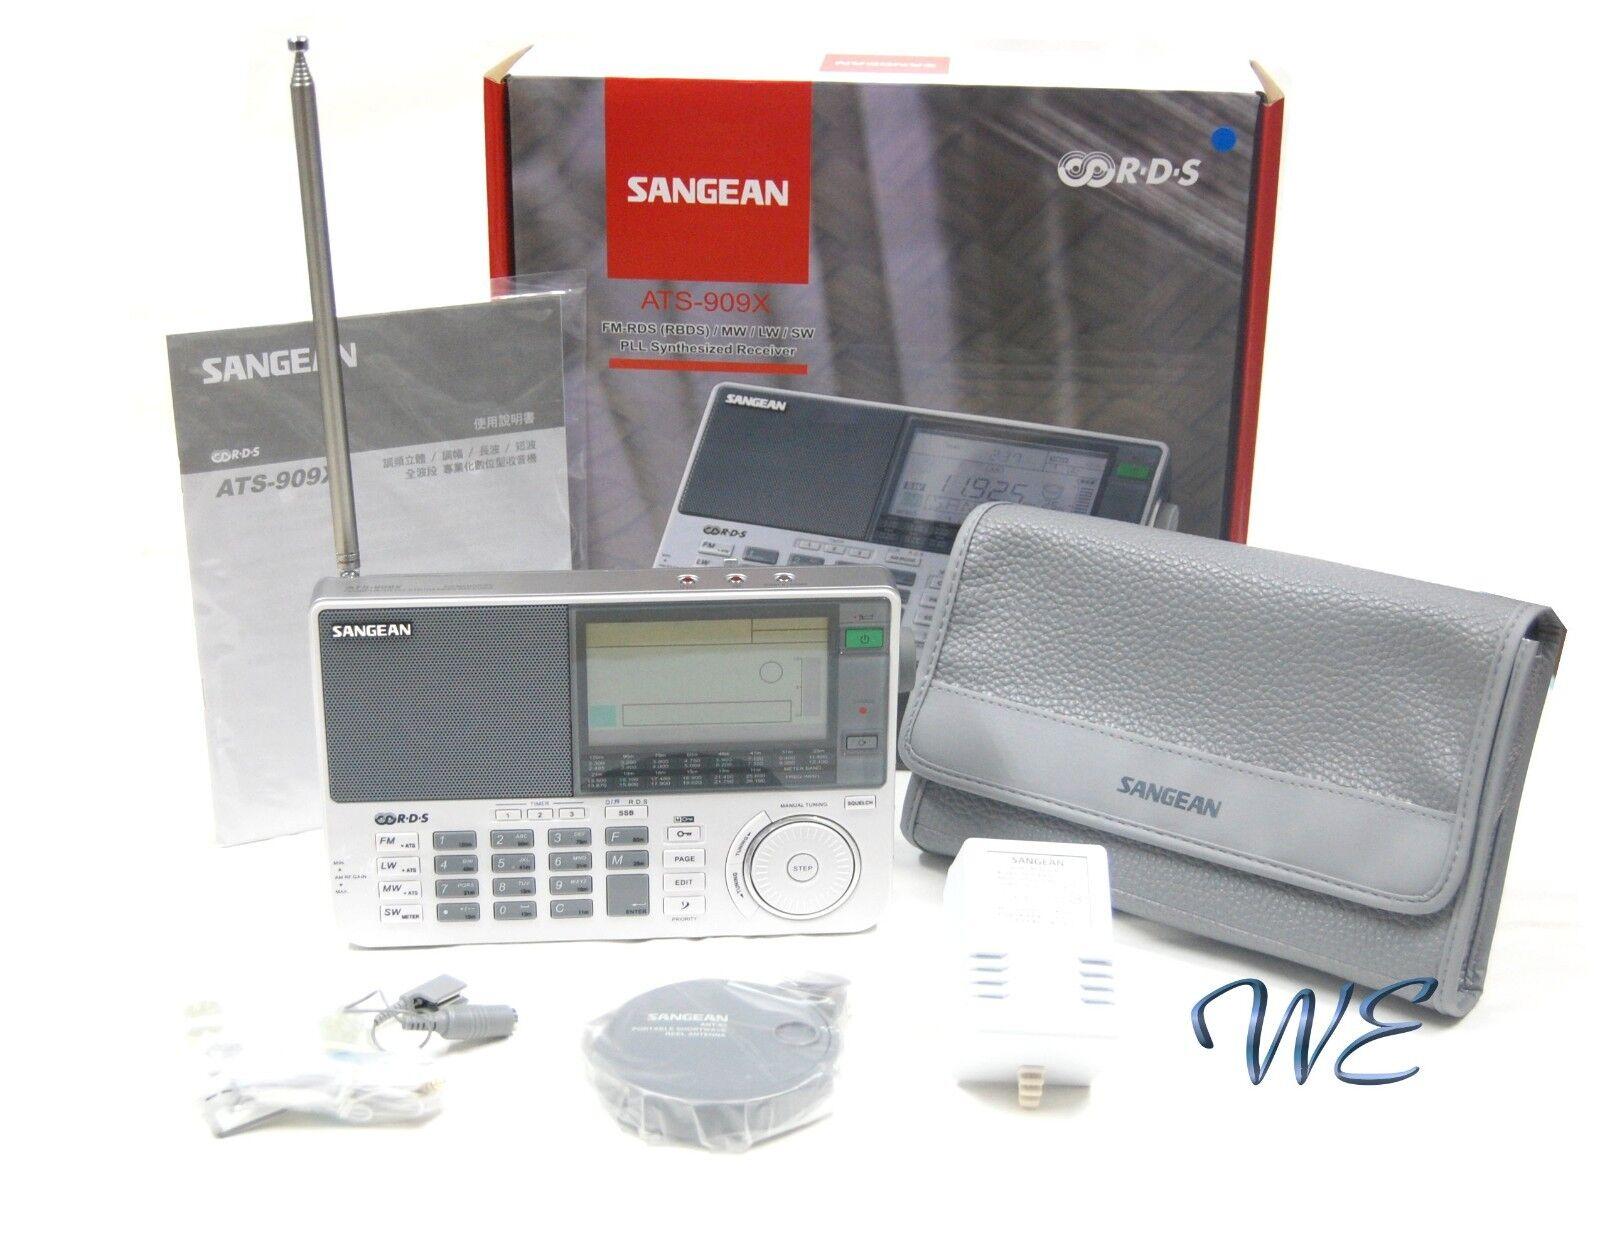 Sangean ATS-909X Shortwave FM 64-108/MW/LW/SW PLL Radio w/Ea